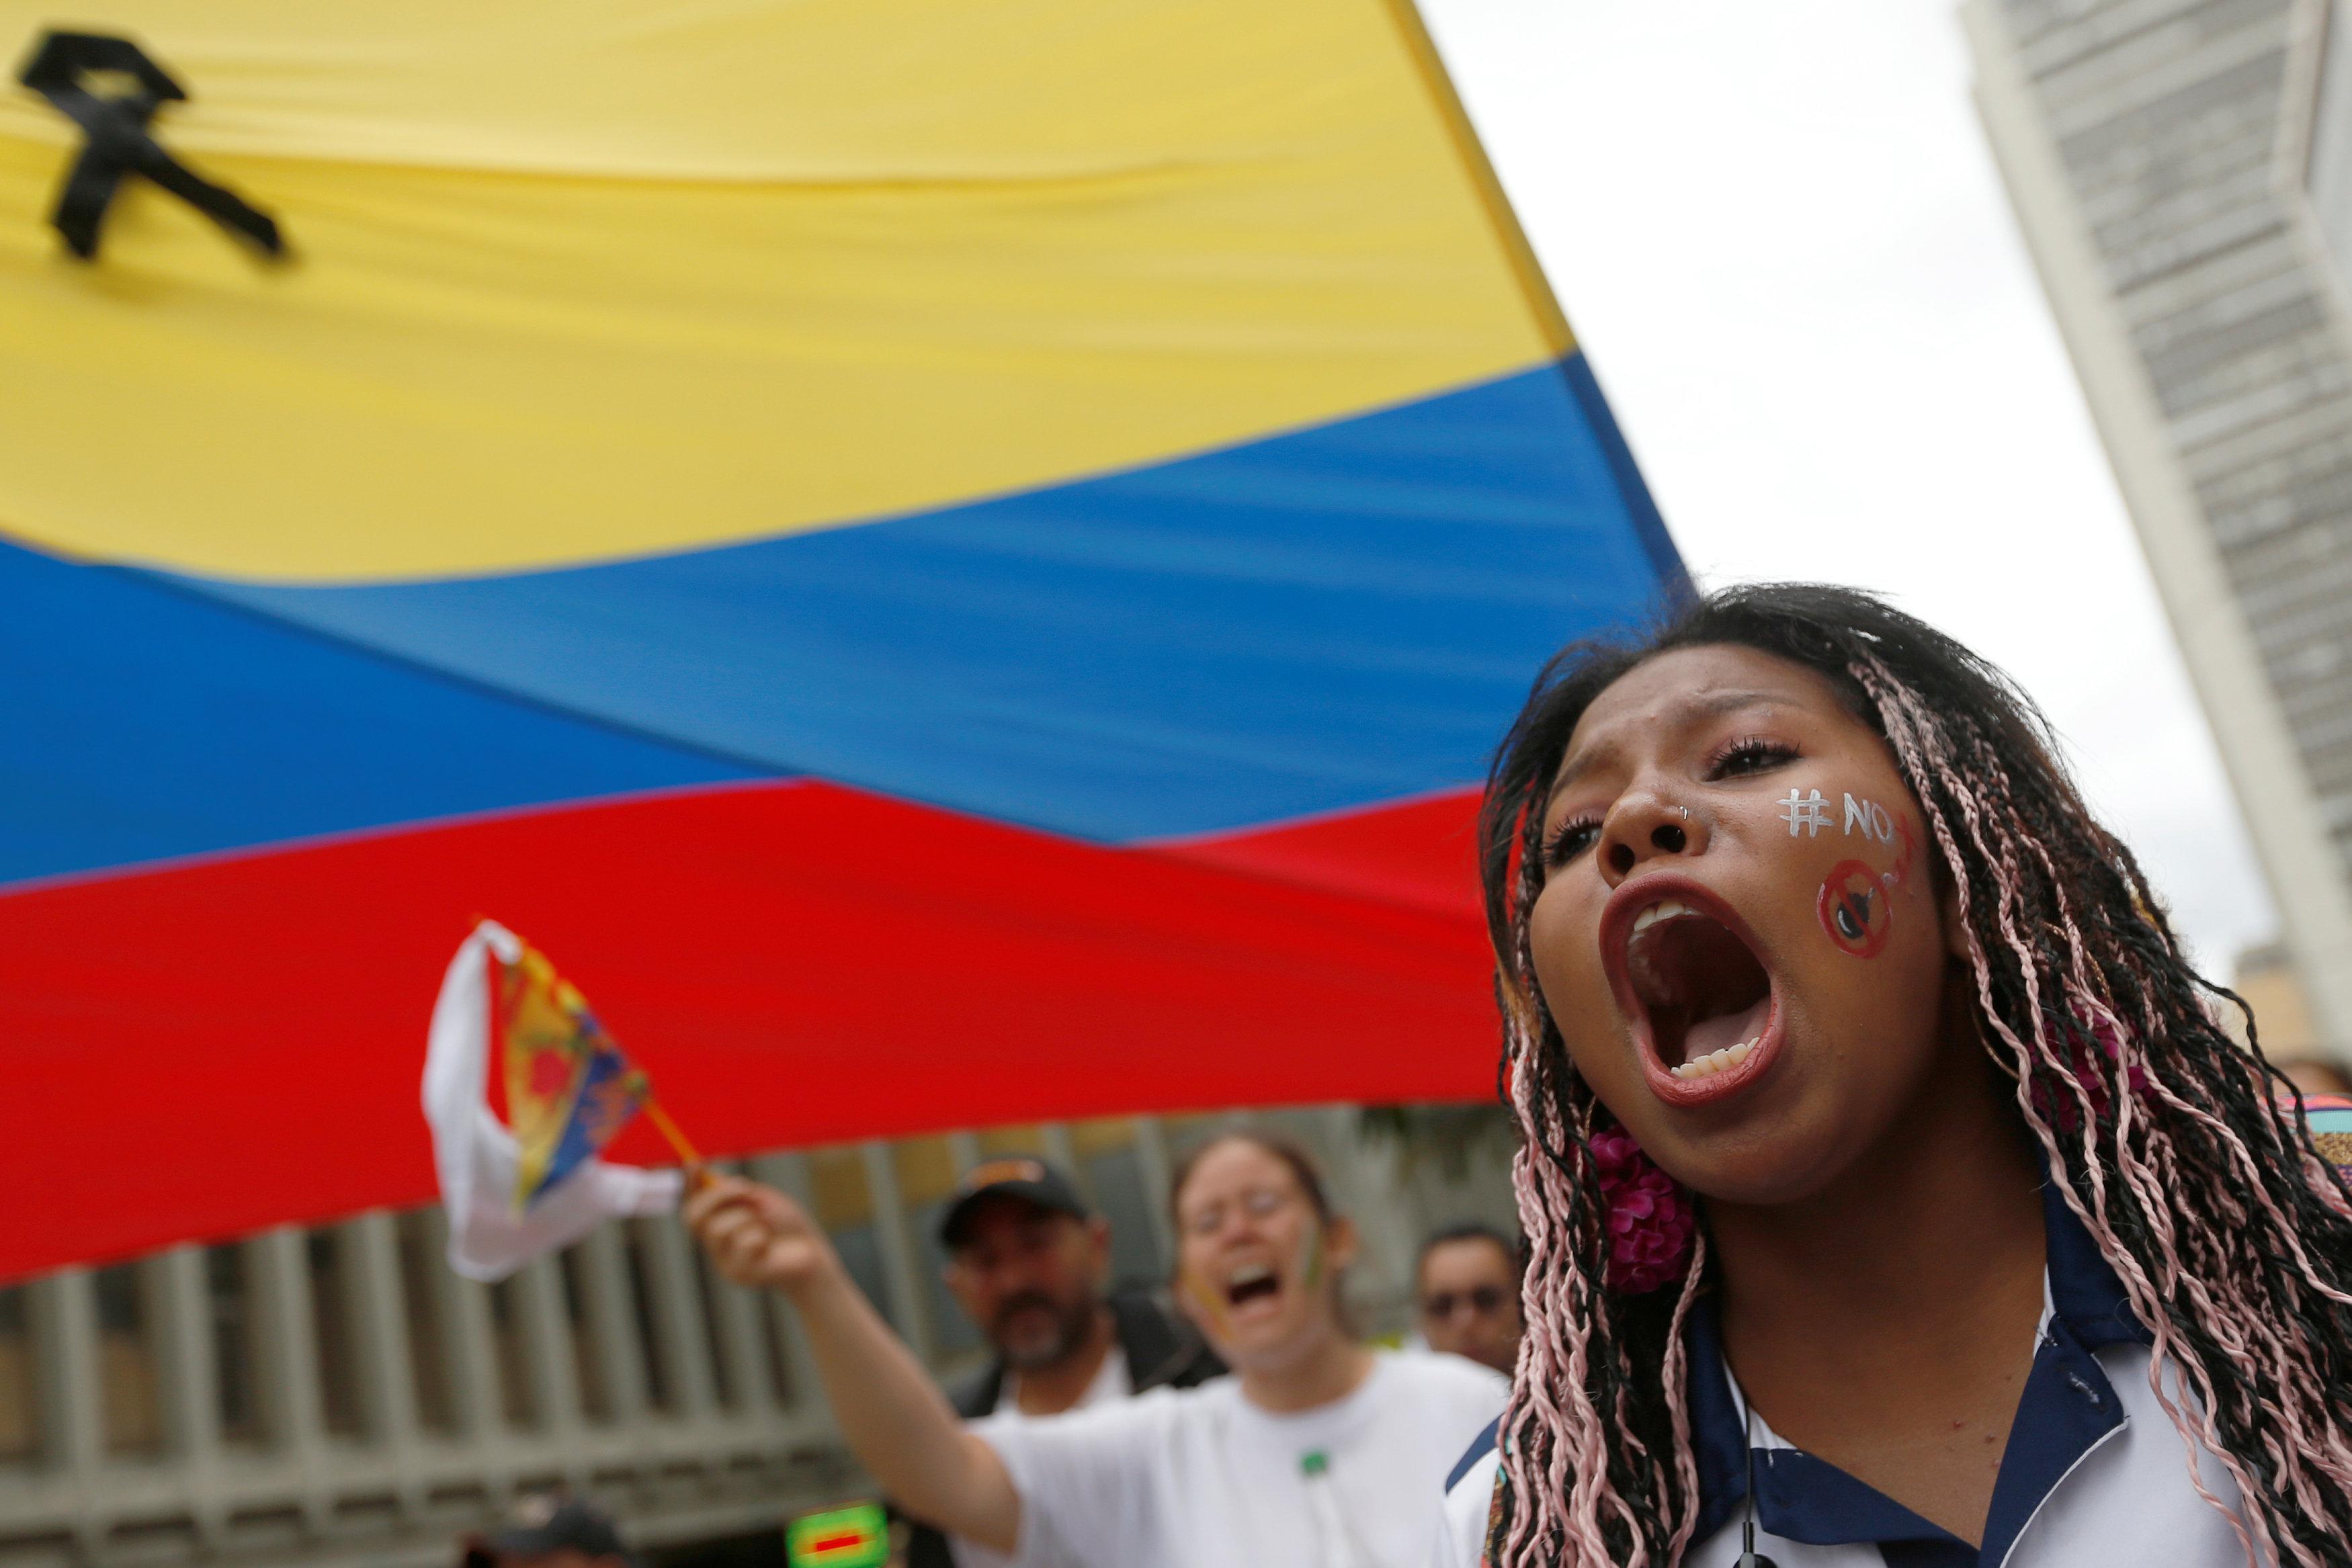 مسيرة ضد العنف فى كولومبيا (2)